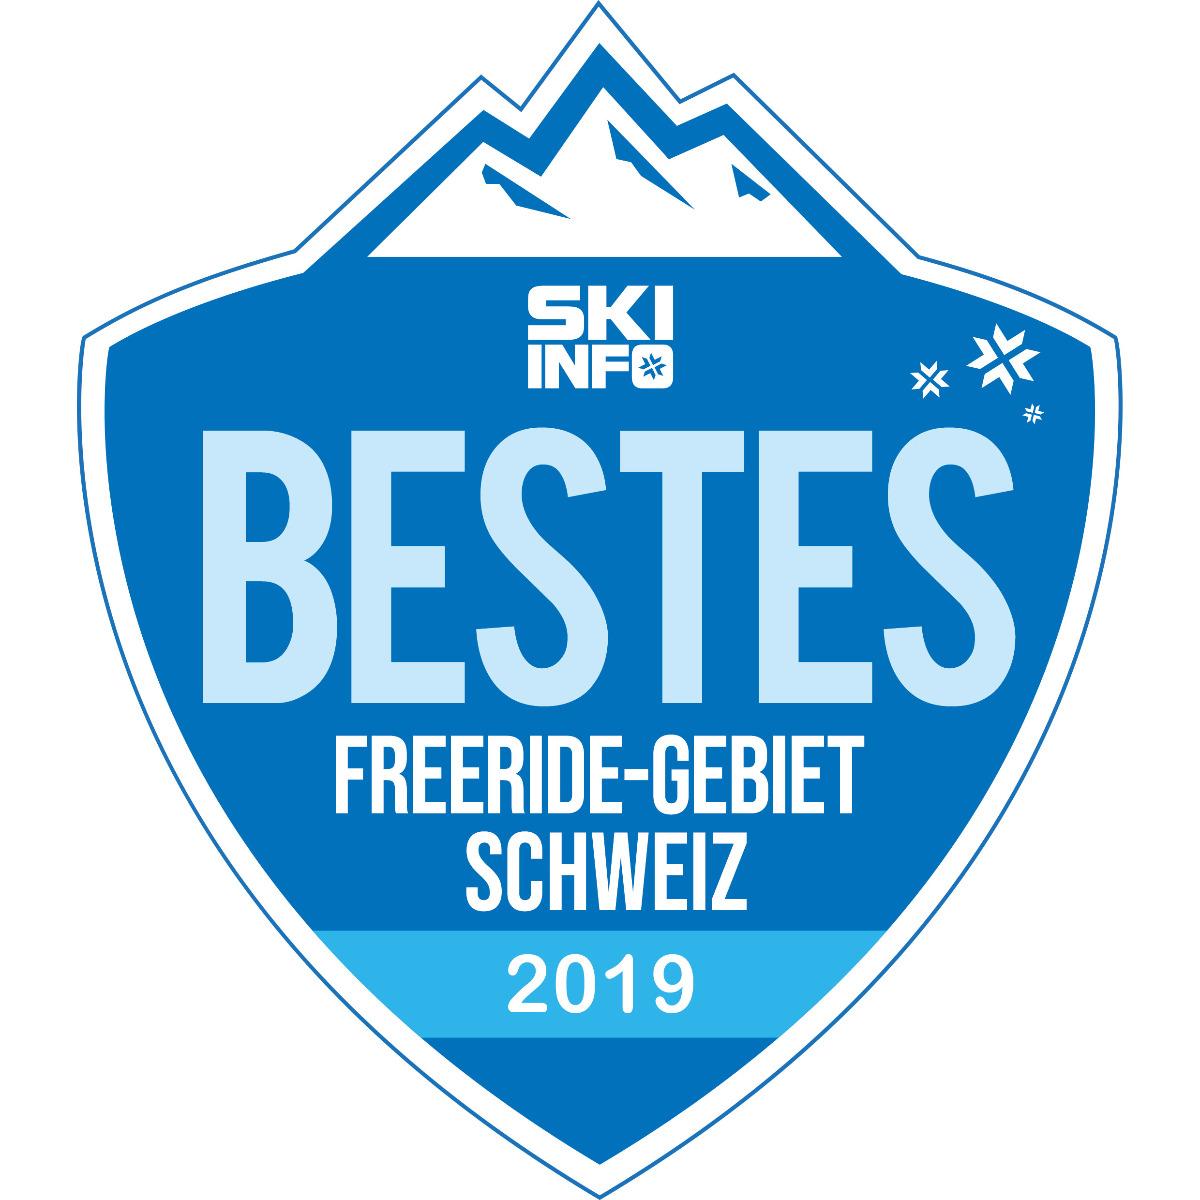 Bestes Freeride-Skigebiet Schweiz 2018/2019